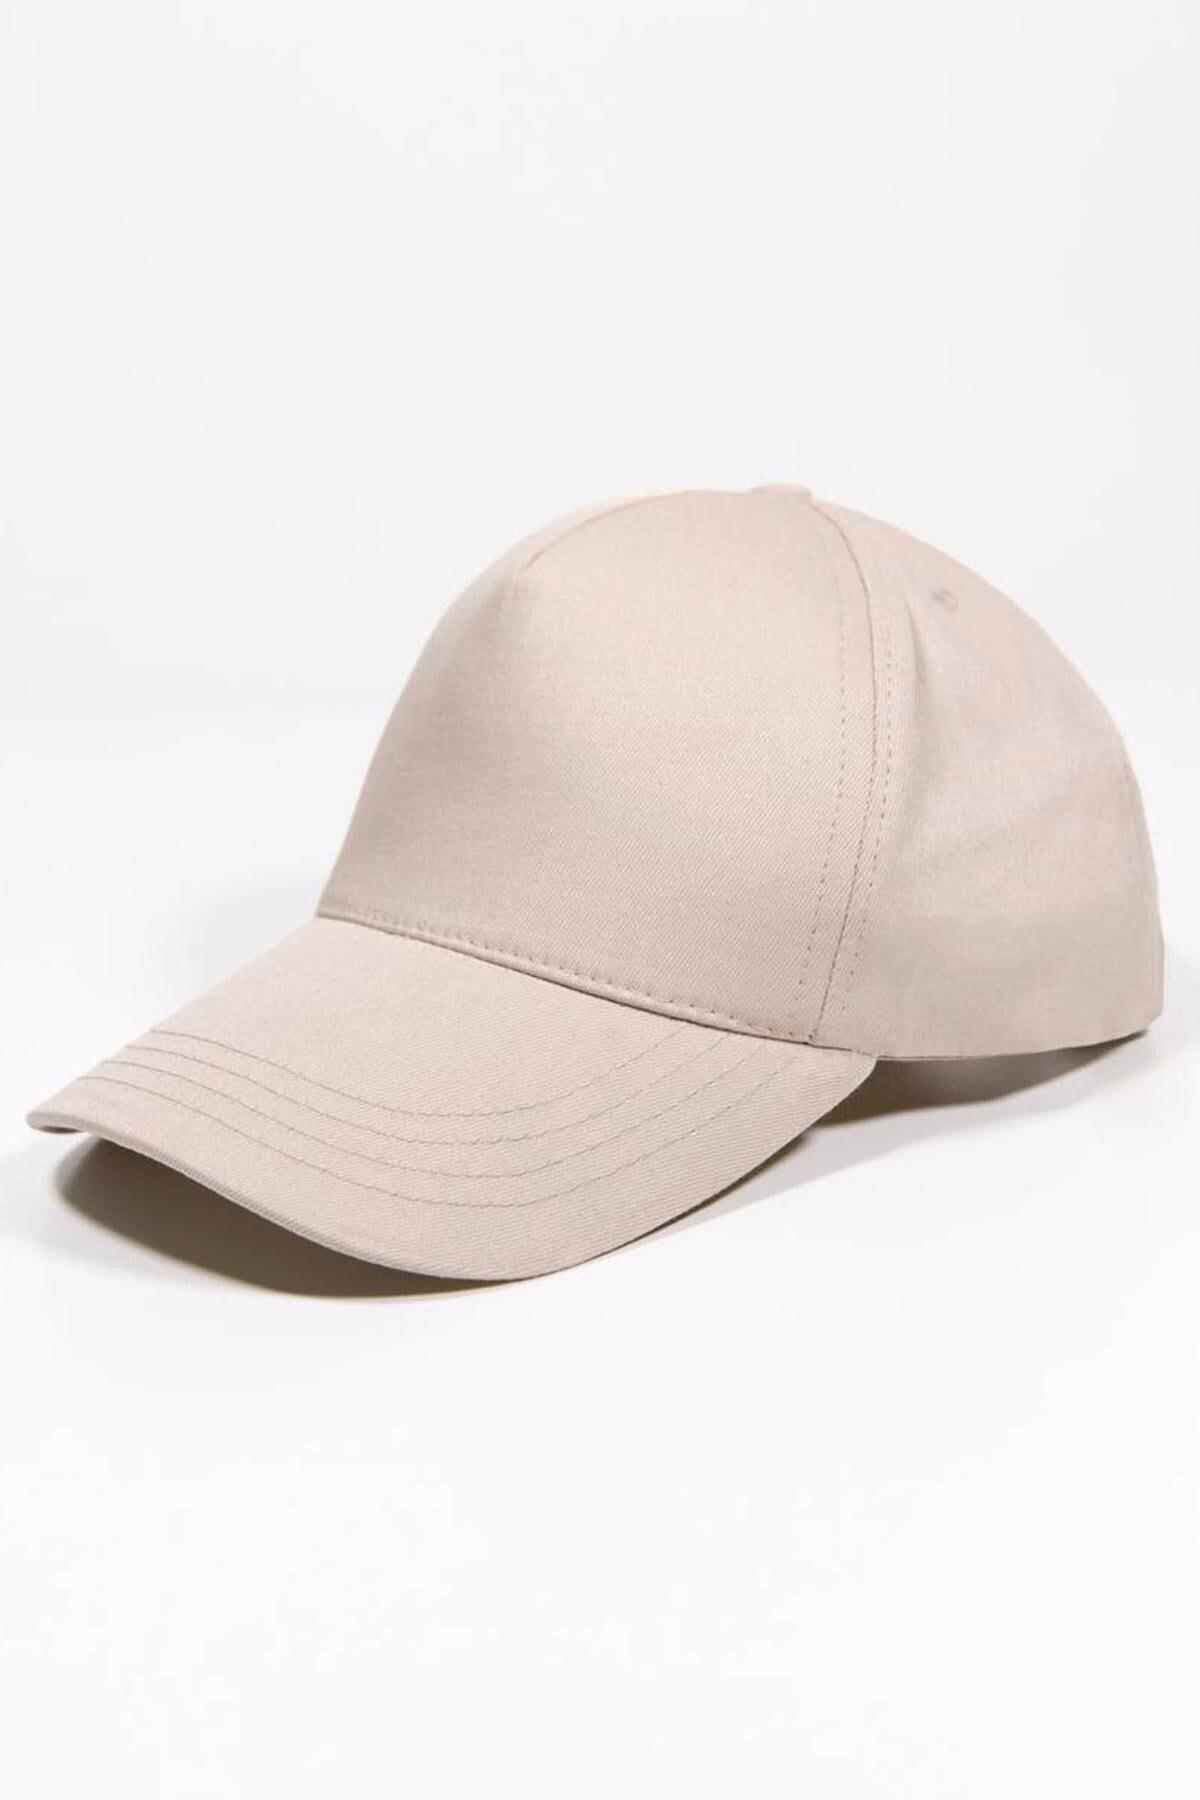 Addax Kadın Bej Unisex Şapka Şpk1007 - F1 Adx-0000022027 1